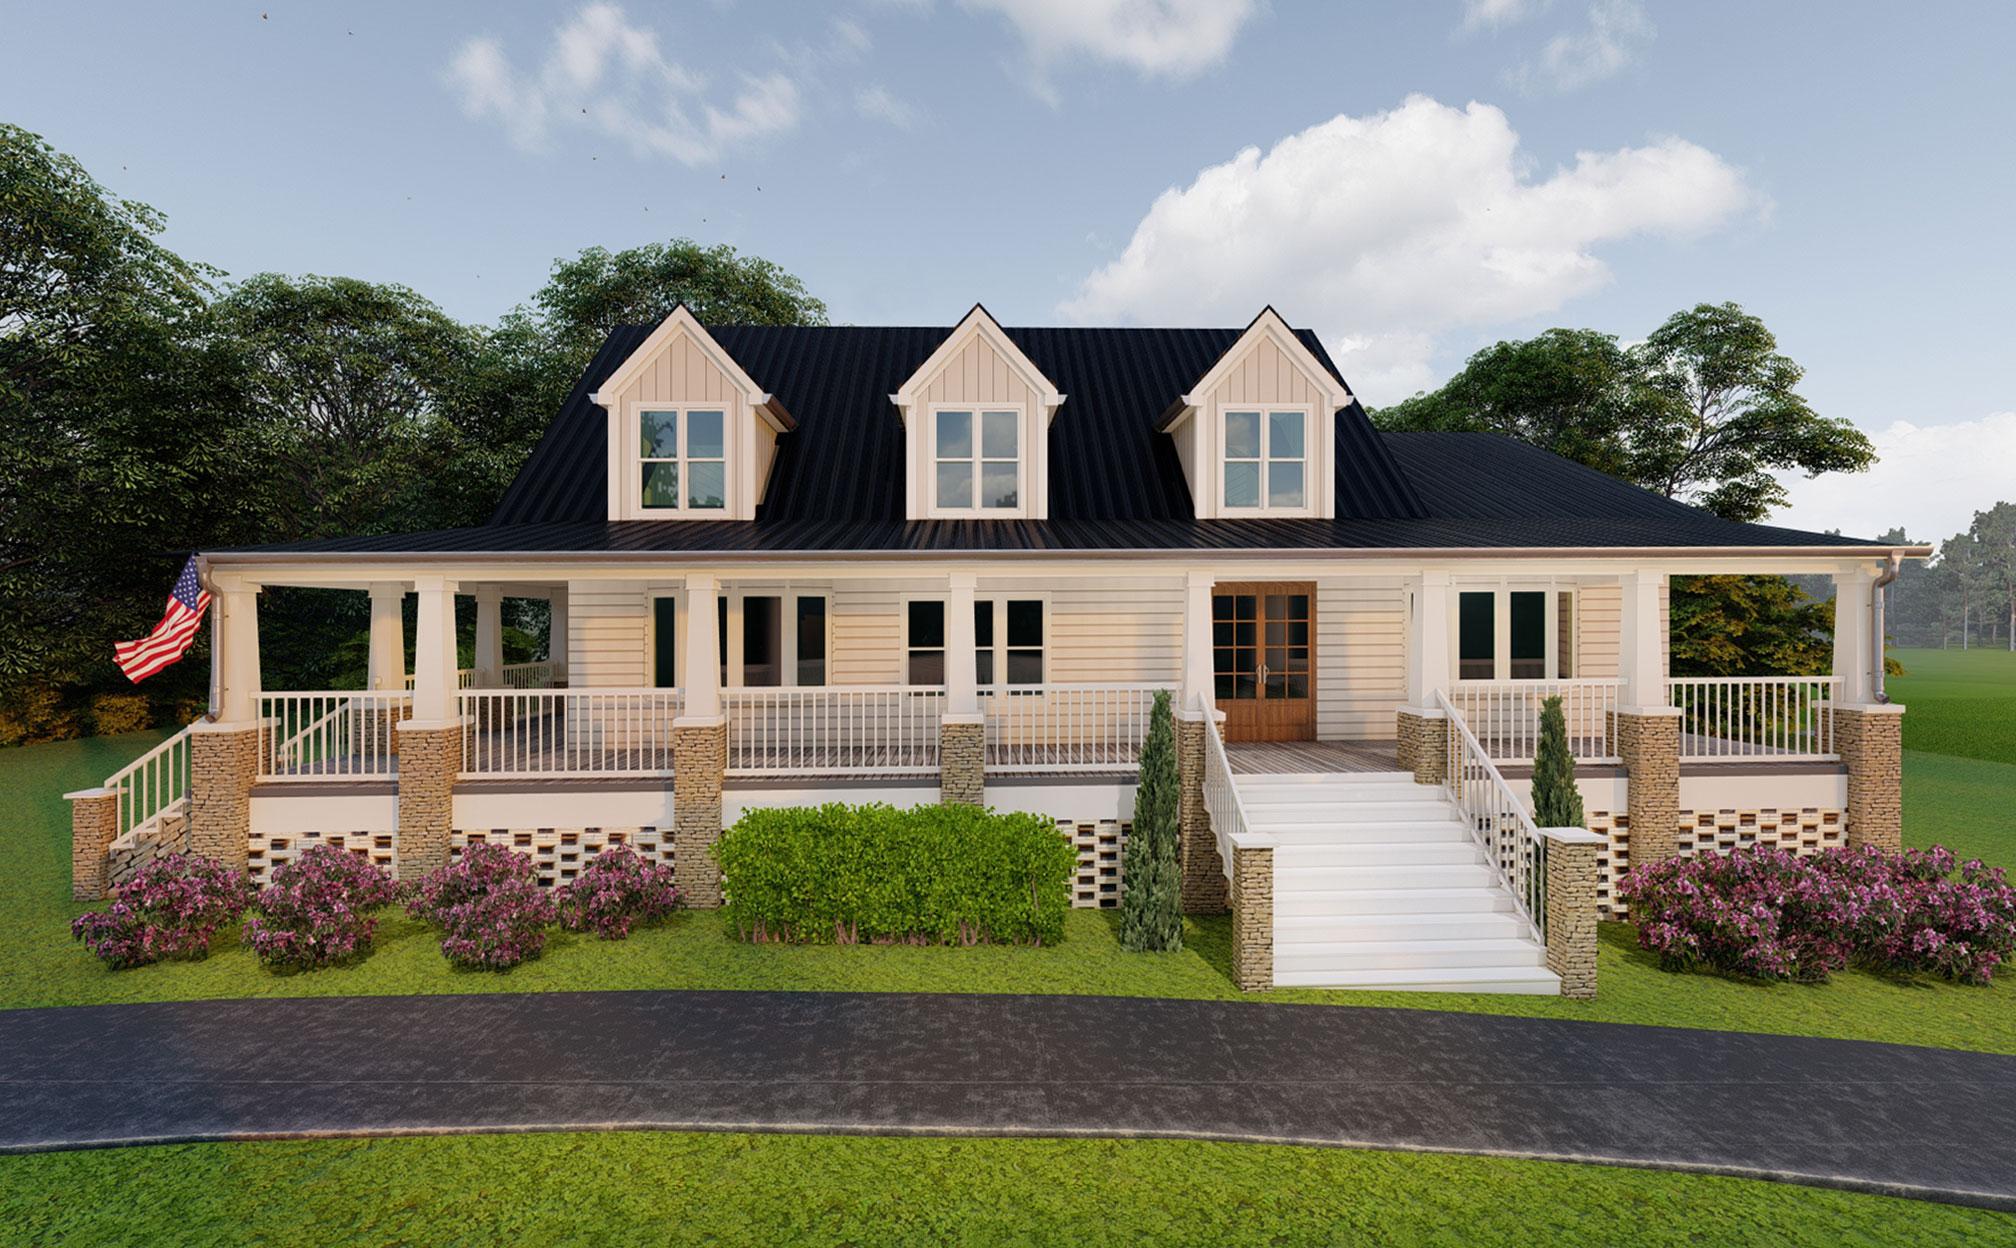 render after exterior home remodel design